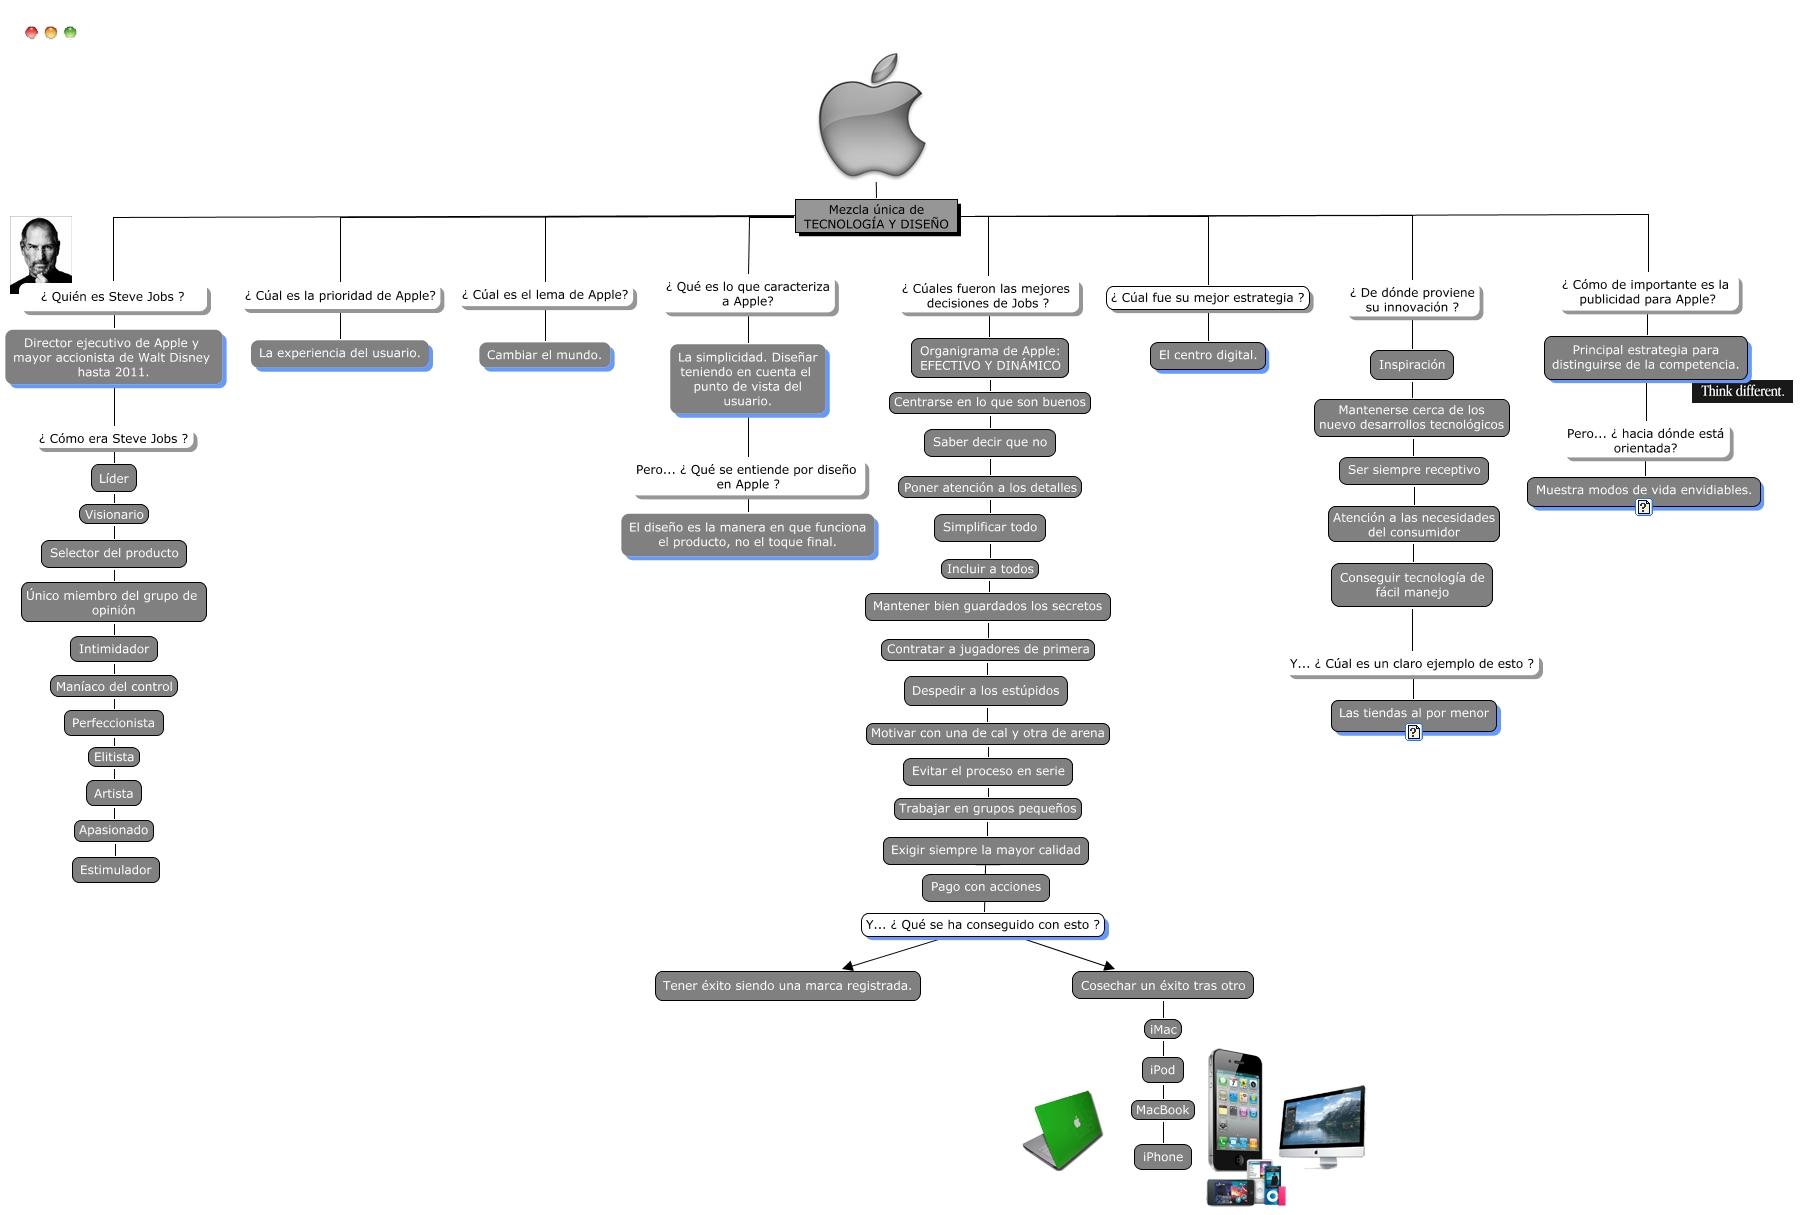 Apple_y_Steve_Jobs